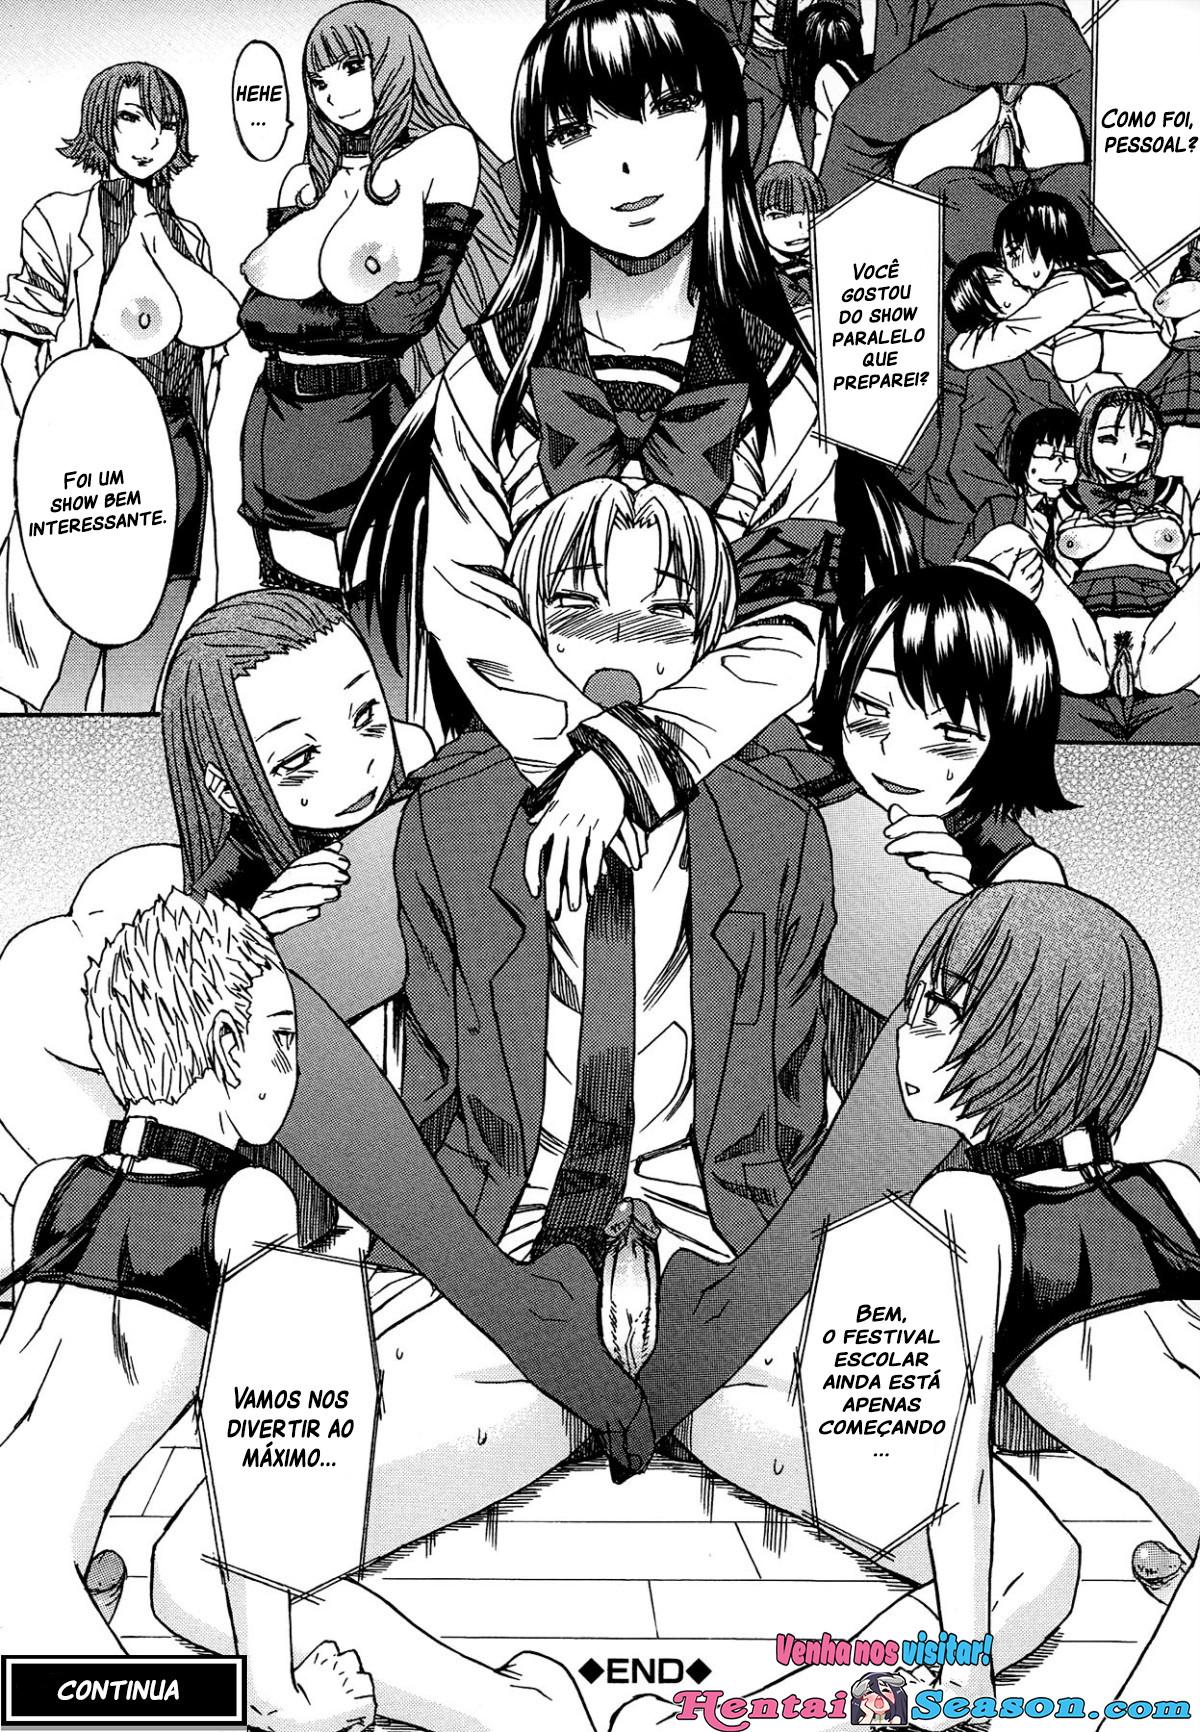 Ashigami Capitulo 5 - pagina 38